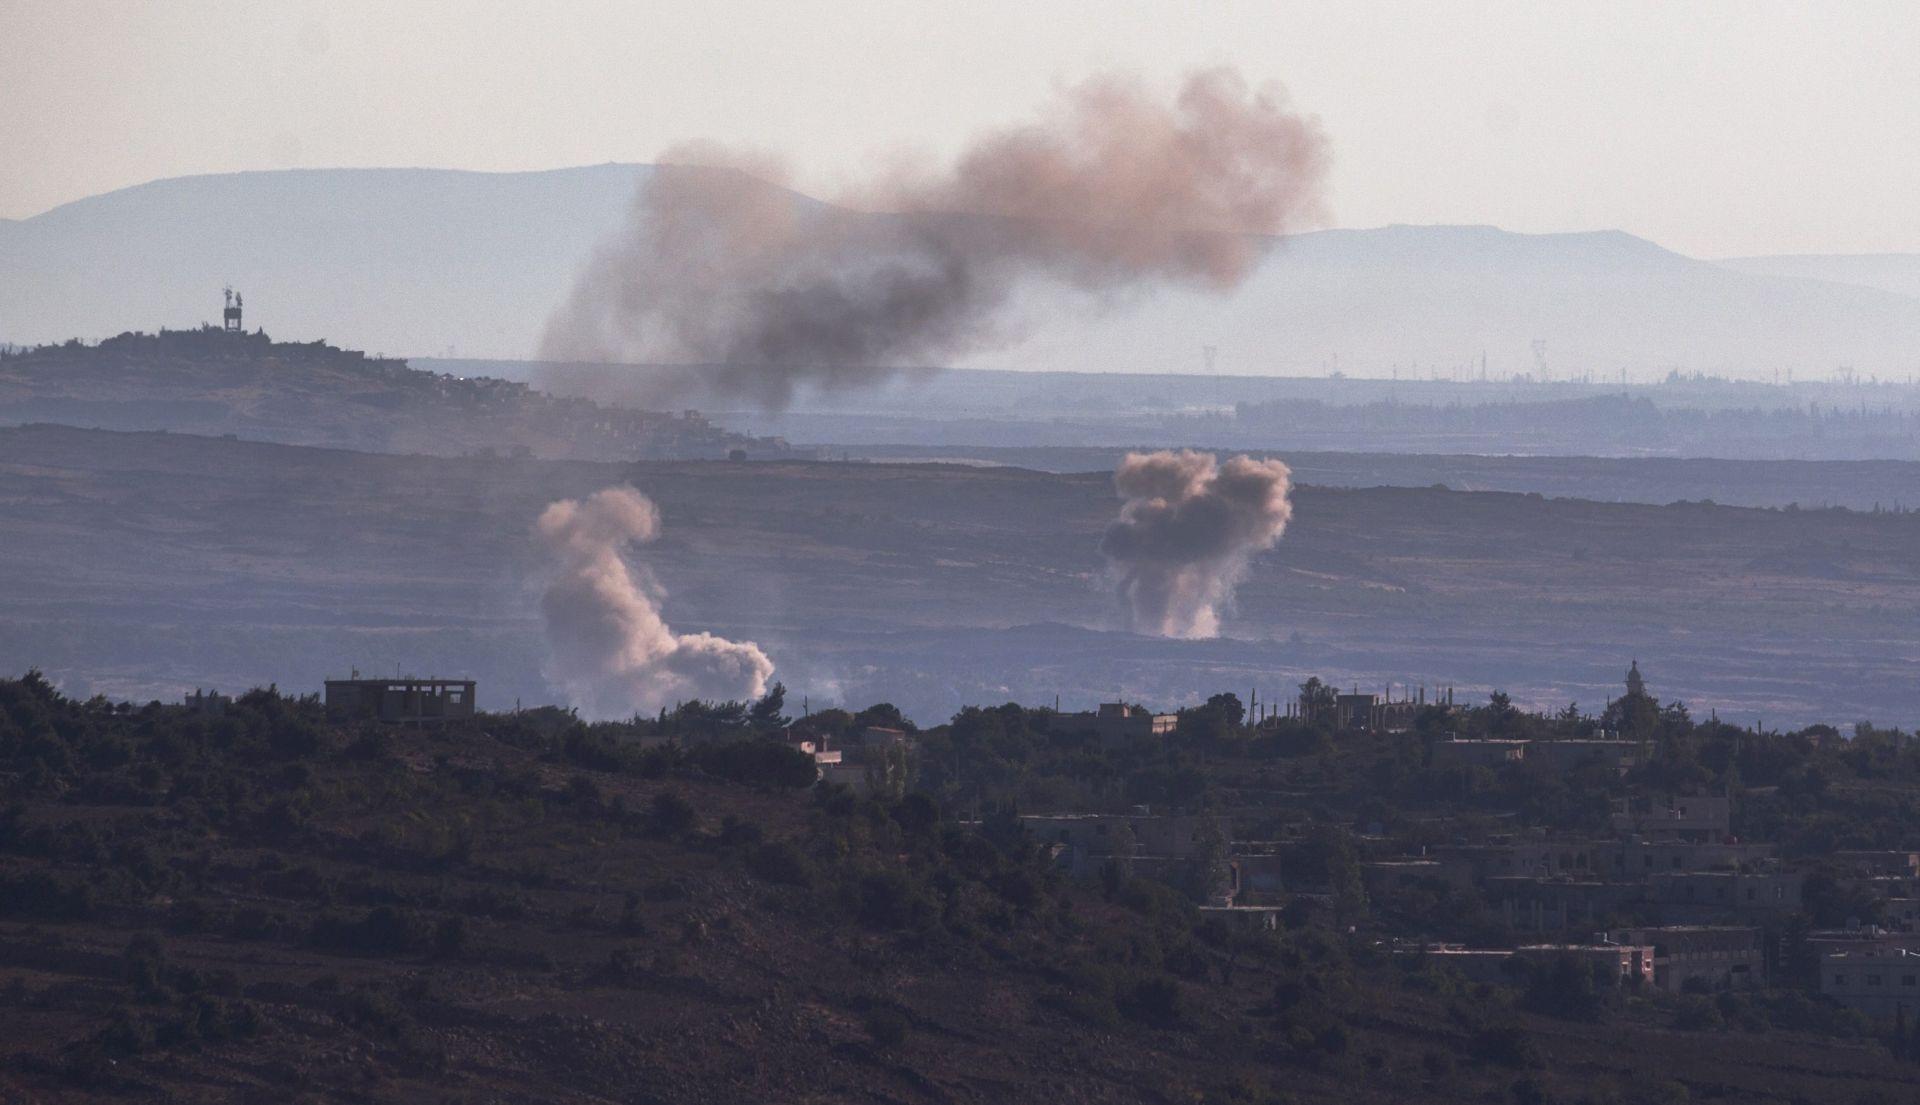 ZRAČNI UDAR: Američka vojska potvrdila zaustavljanje napada, stradali sirijski vojnici